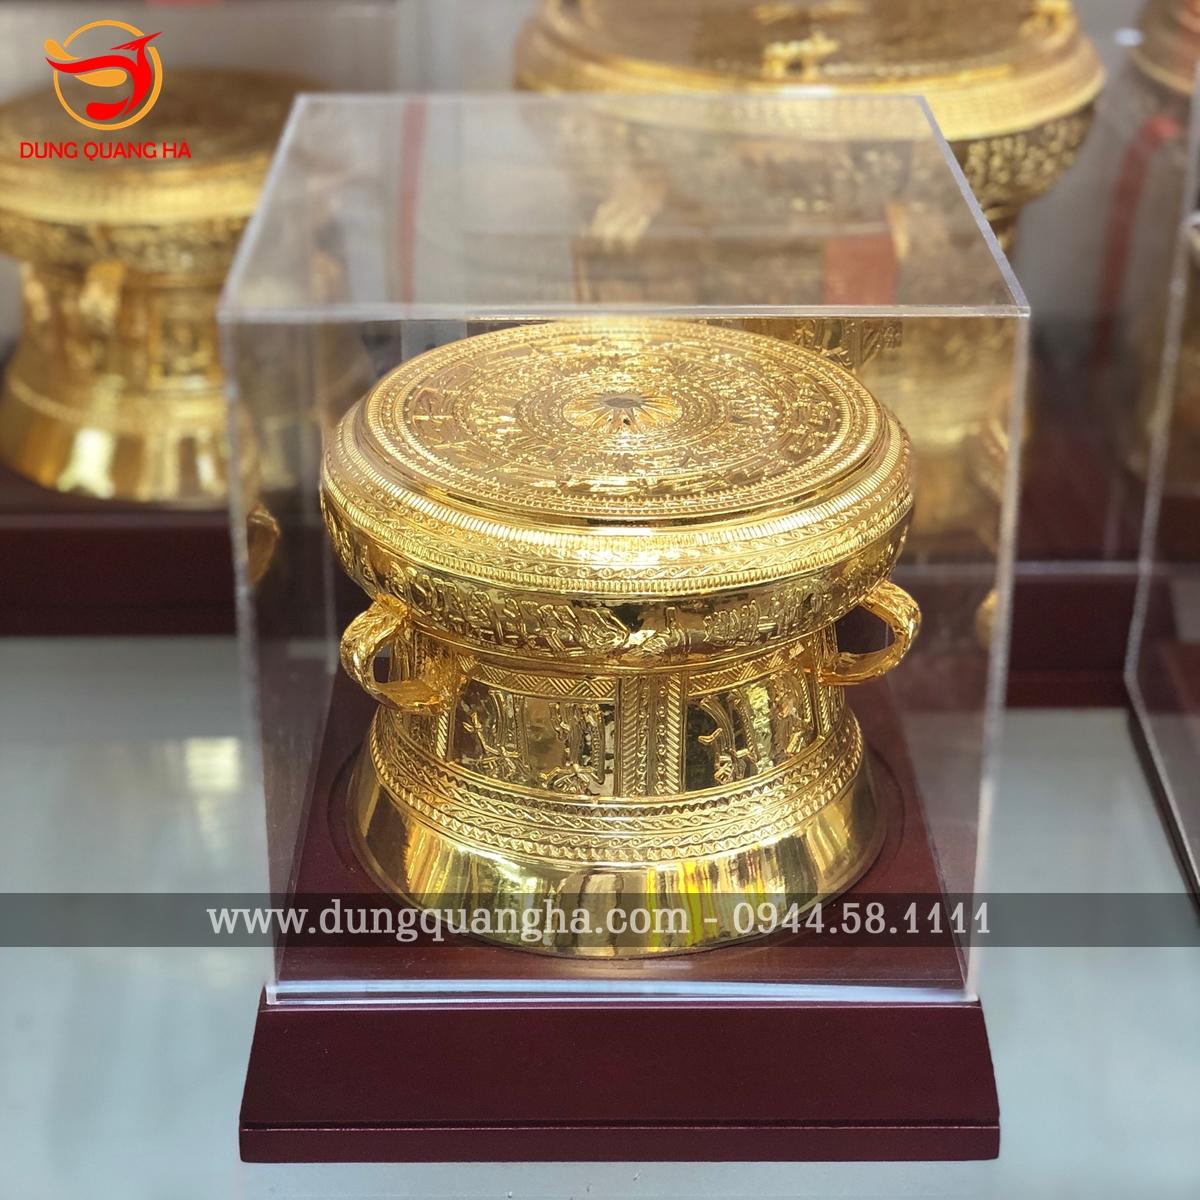 Trống đồng Ngọc Lũ tinh xảo tại đồ đồng Dung Quang Hà